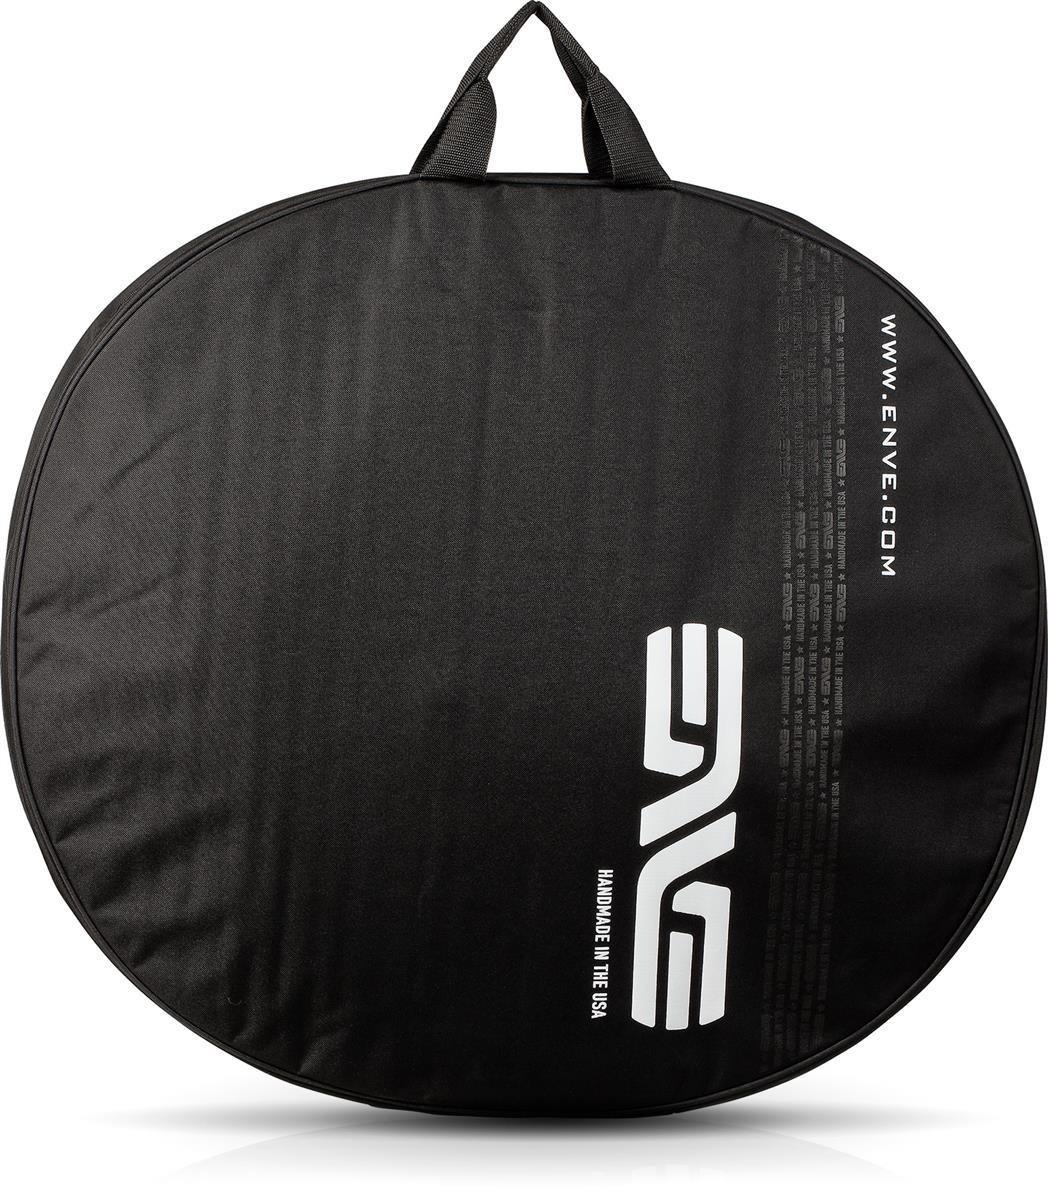 Enve Double Wheel Bag   Wheel bags